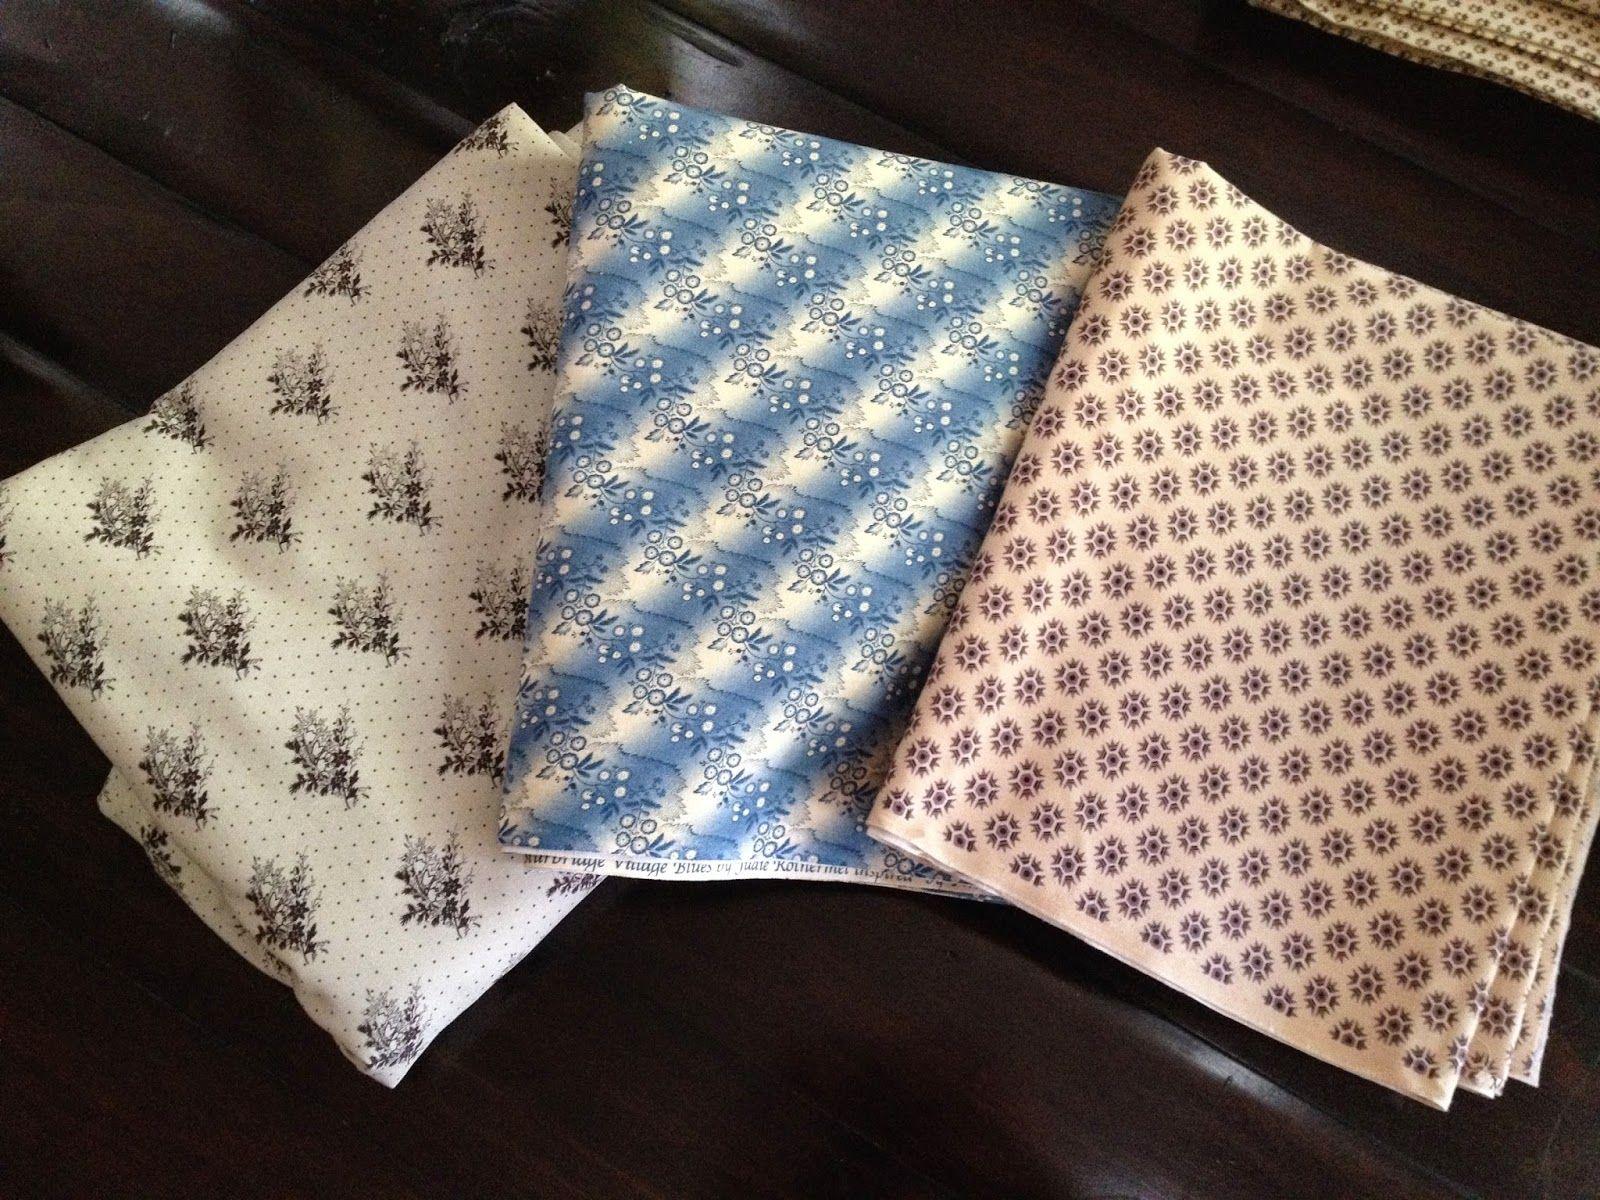 Reproduction cotton textiles